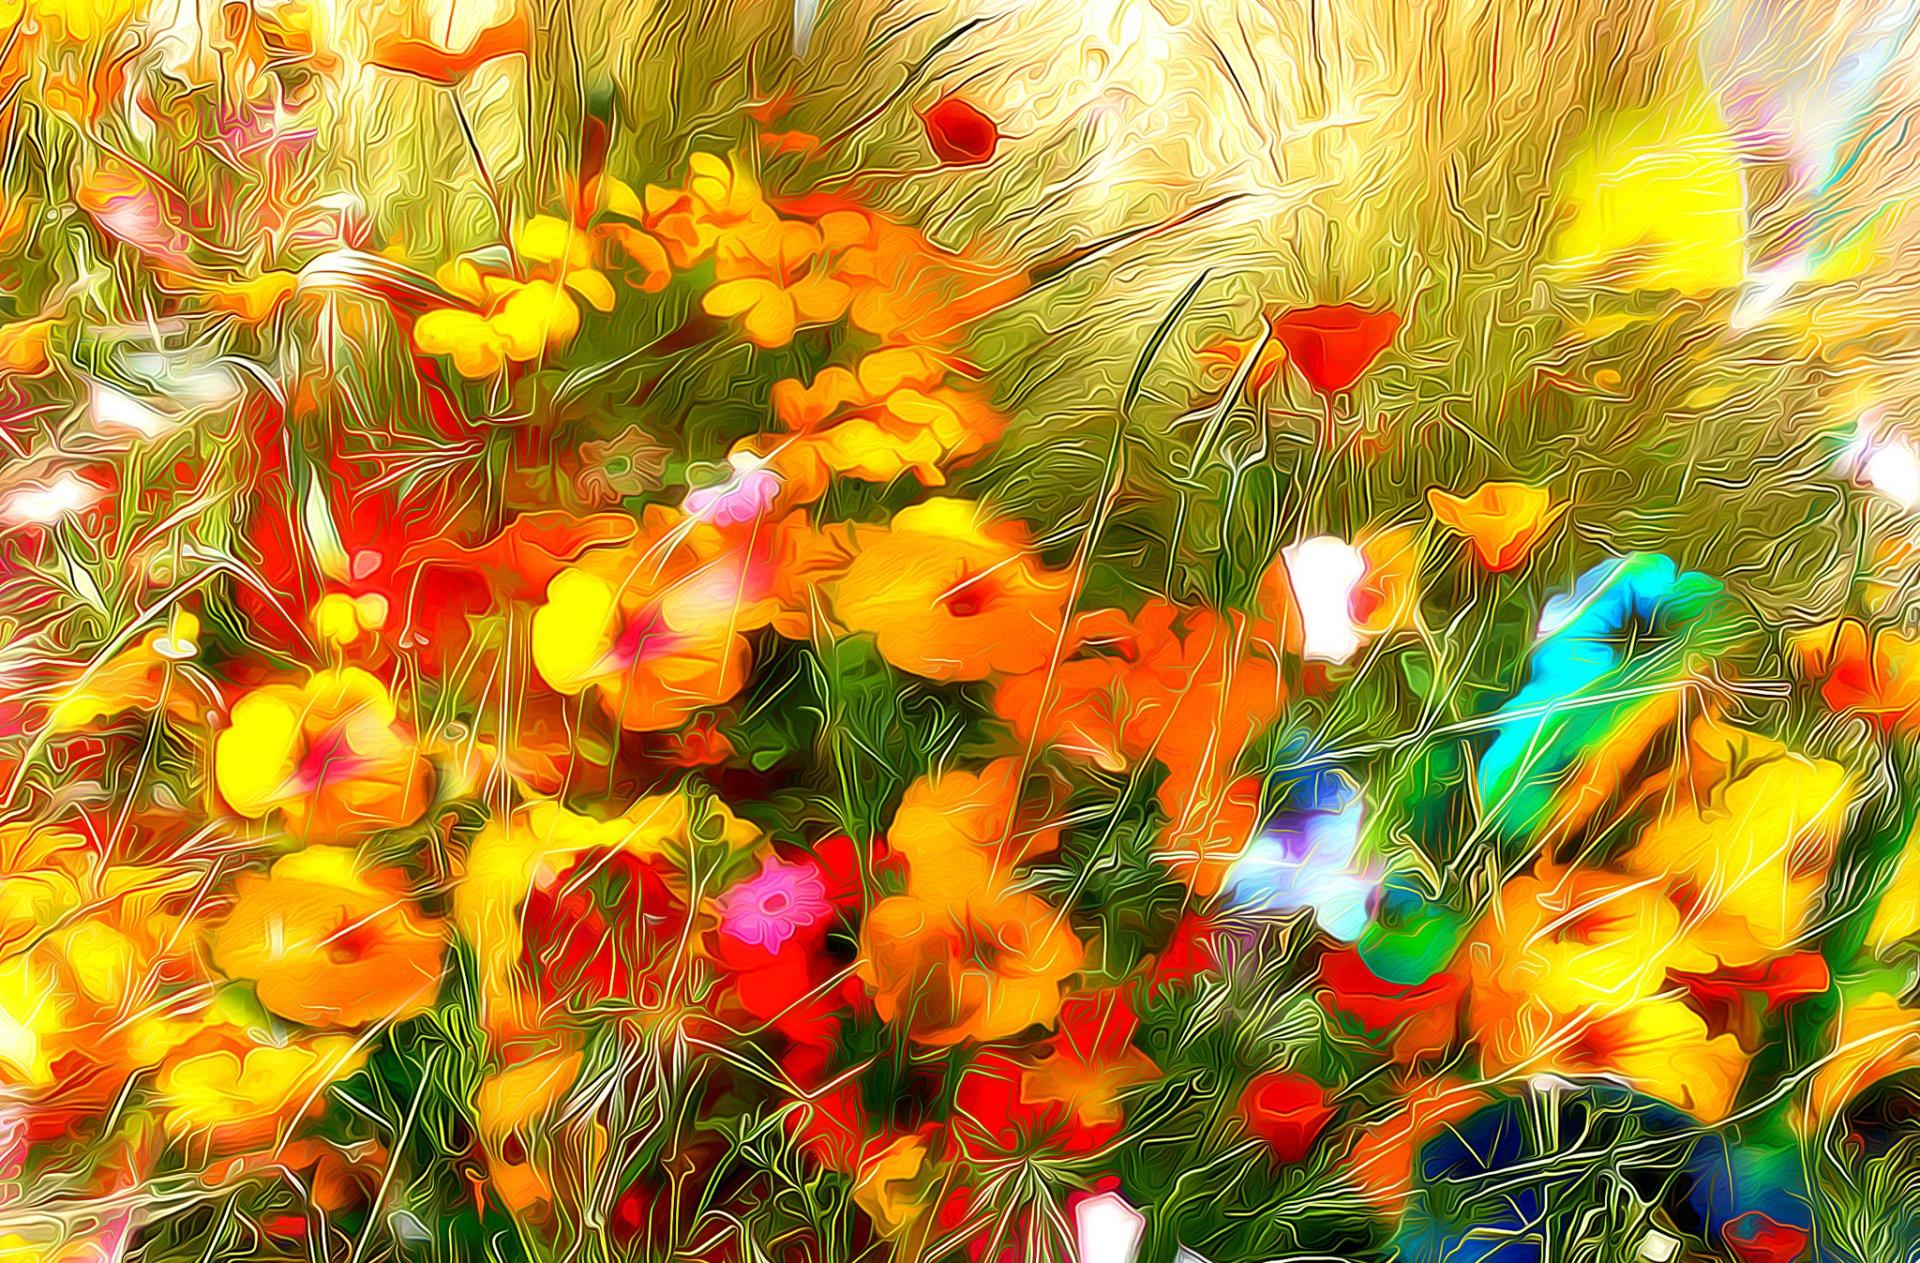 Картинка анимация разноцветные осенние краски, открытка днем рождения